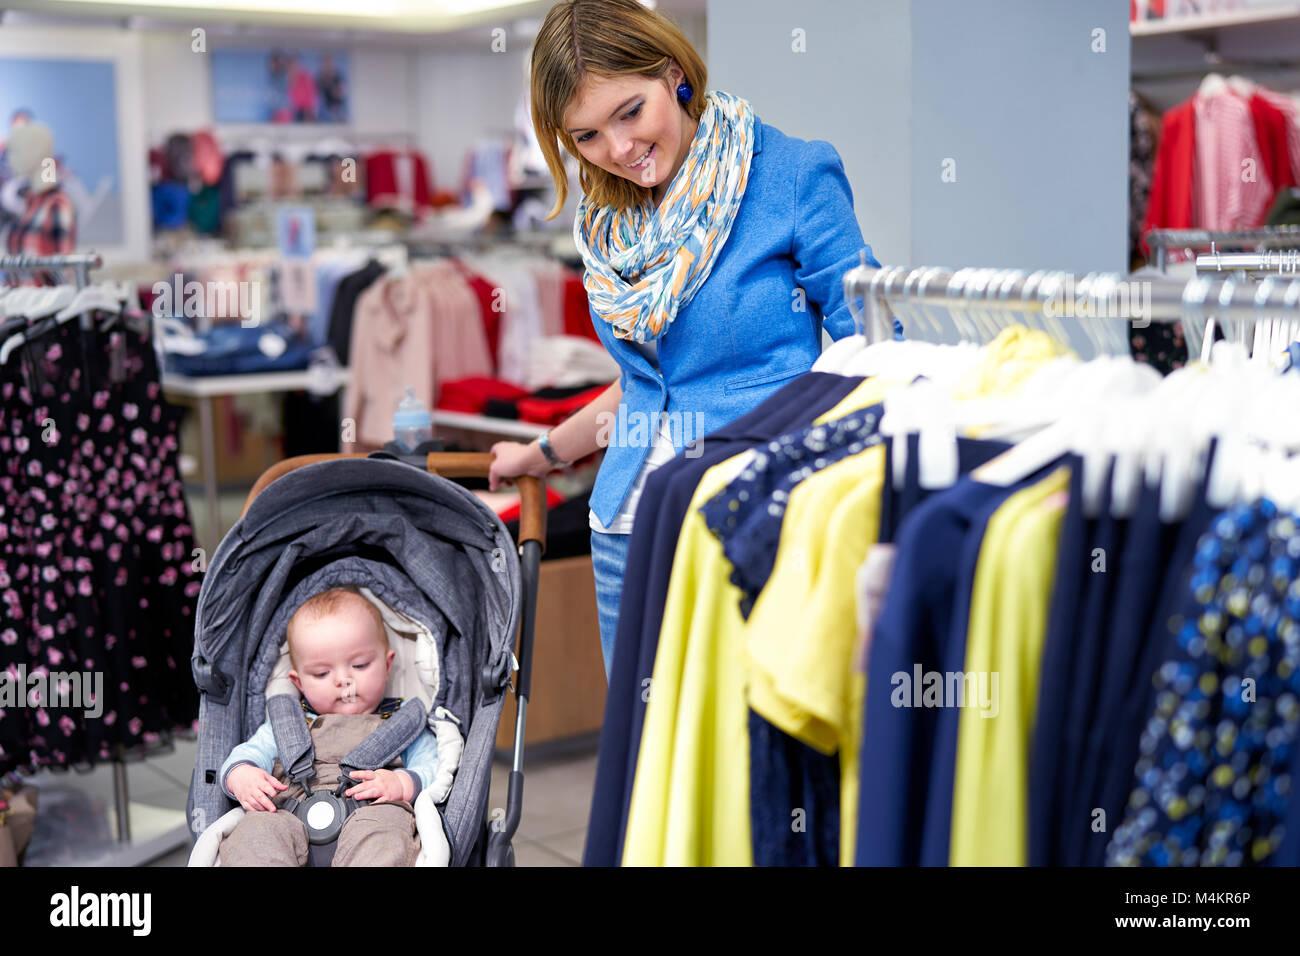 Junge Frau wählt Kleidung in einem Geschäft Stockbild